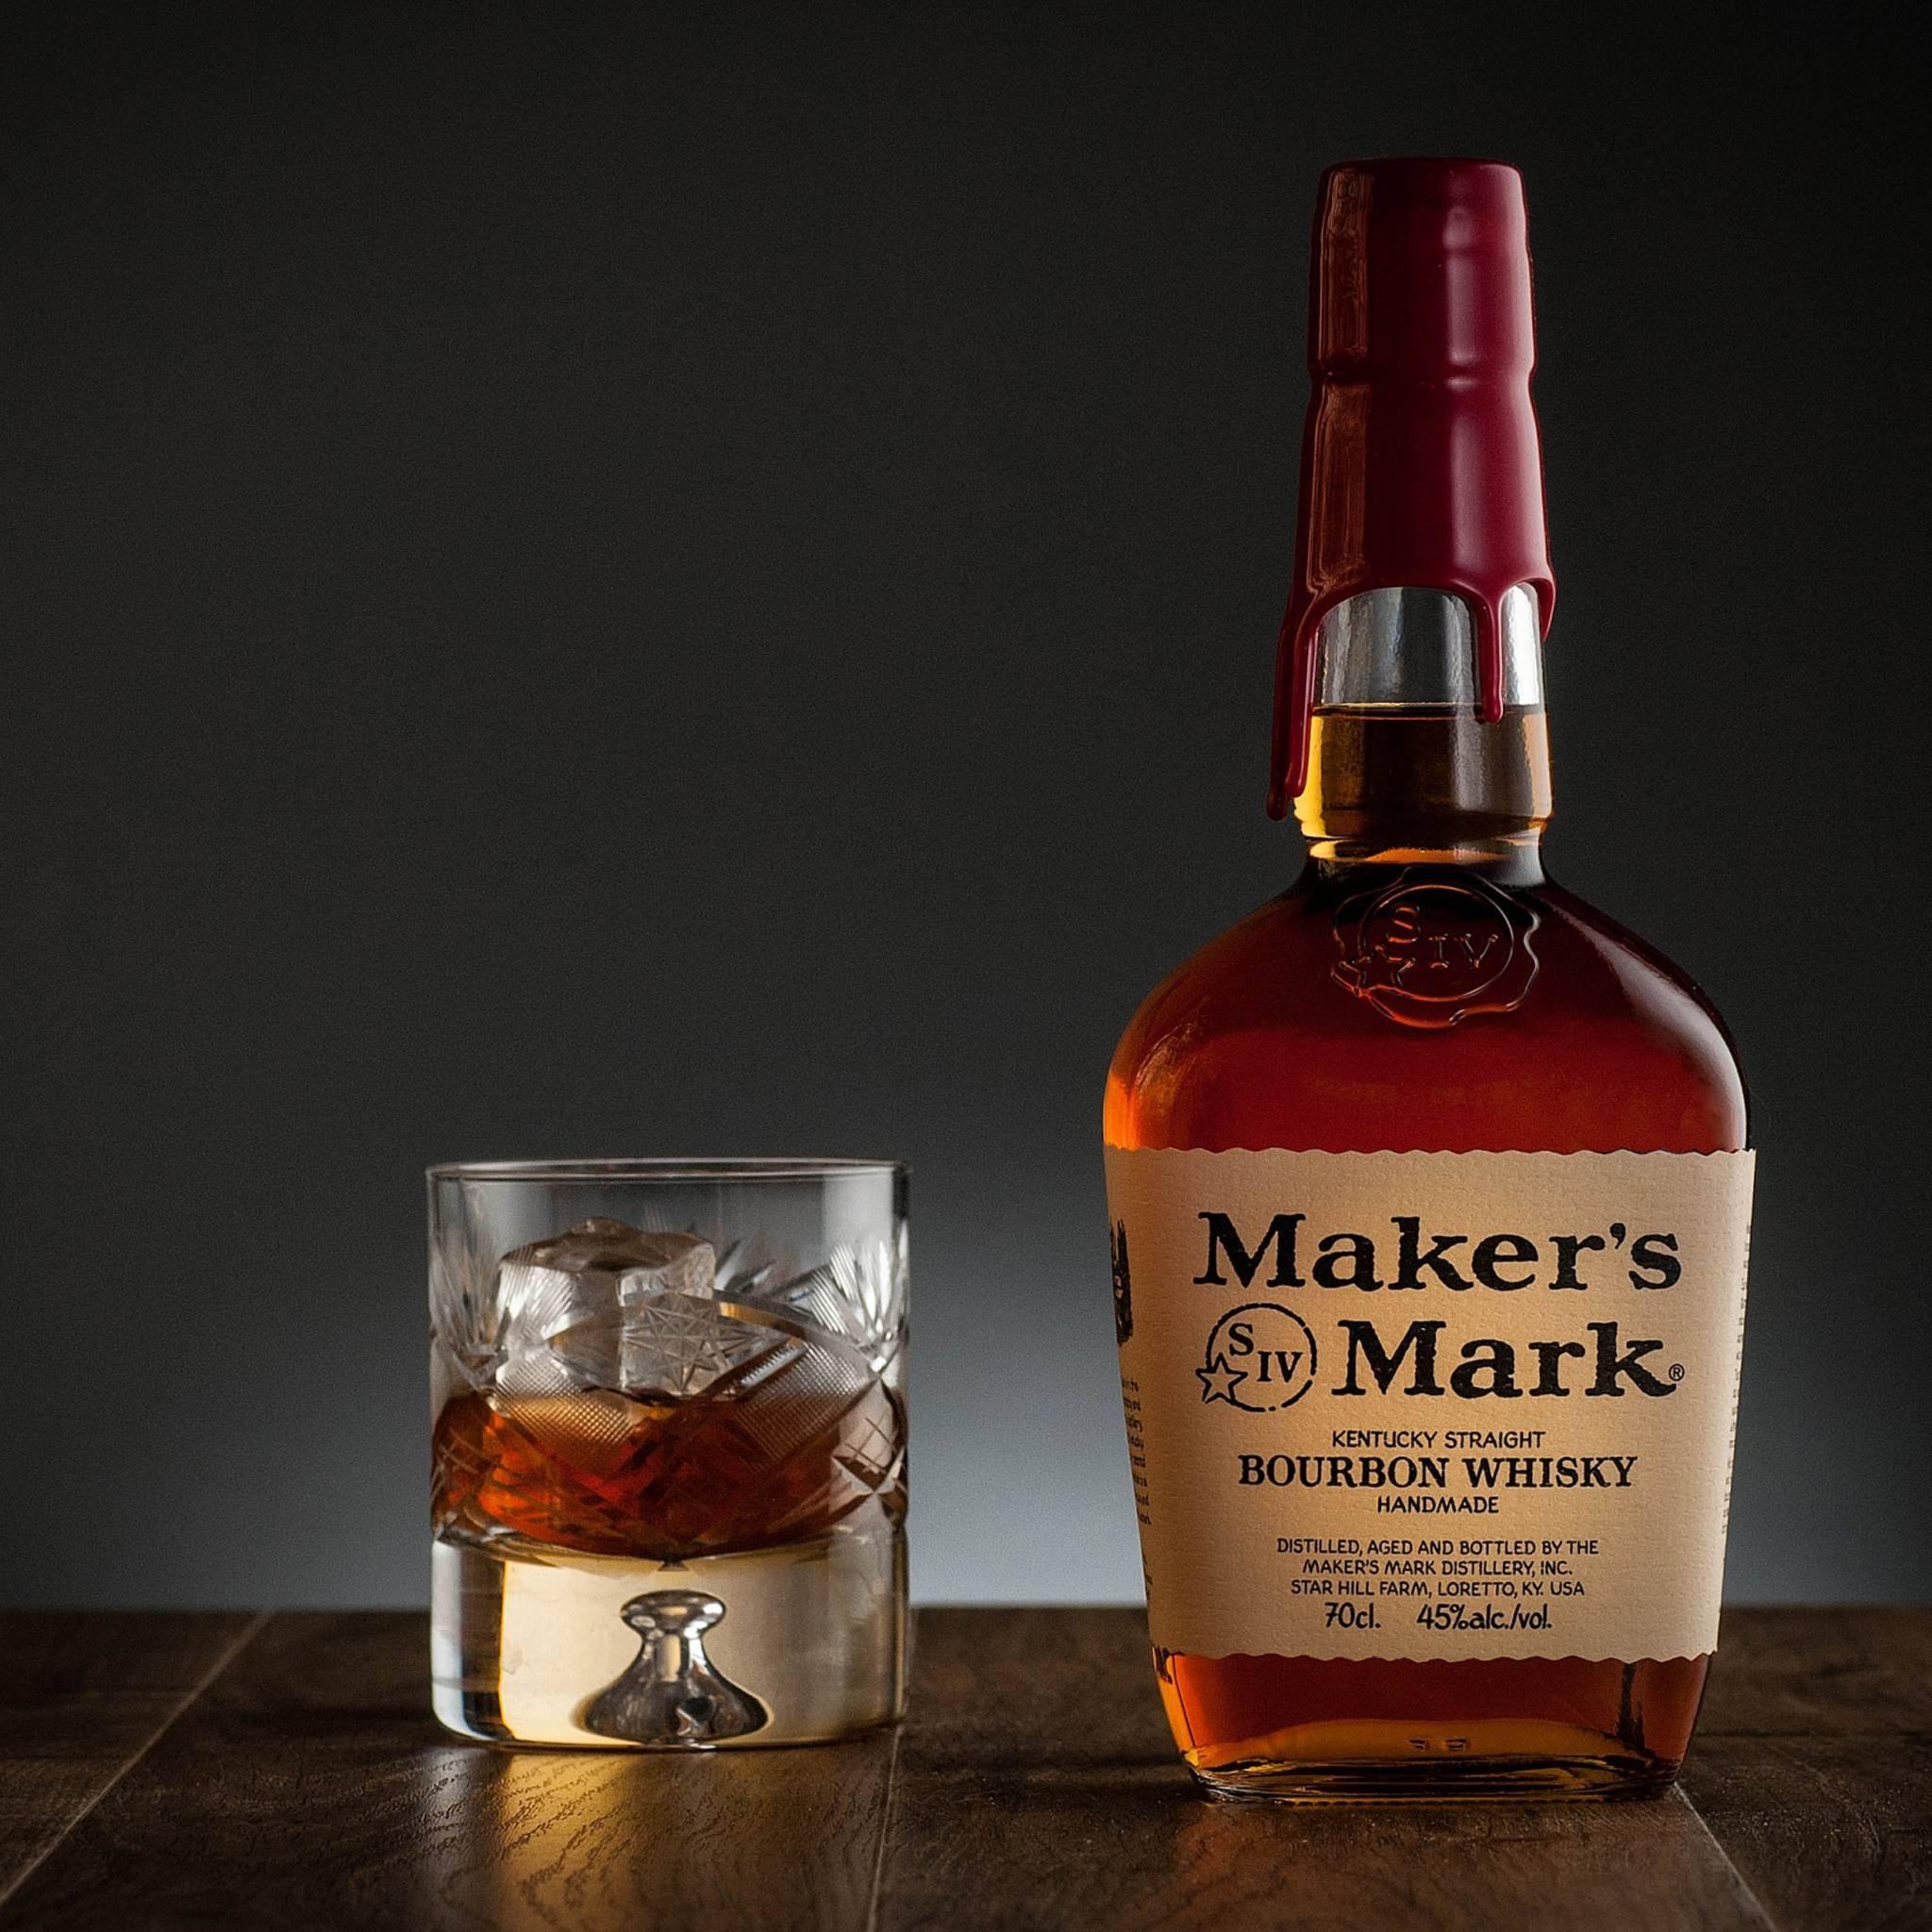 Makers mark как отличить подделку — история алкоголя